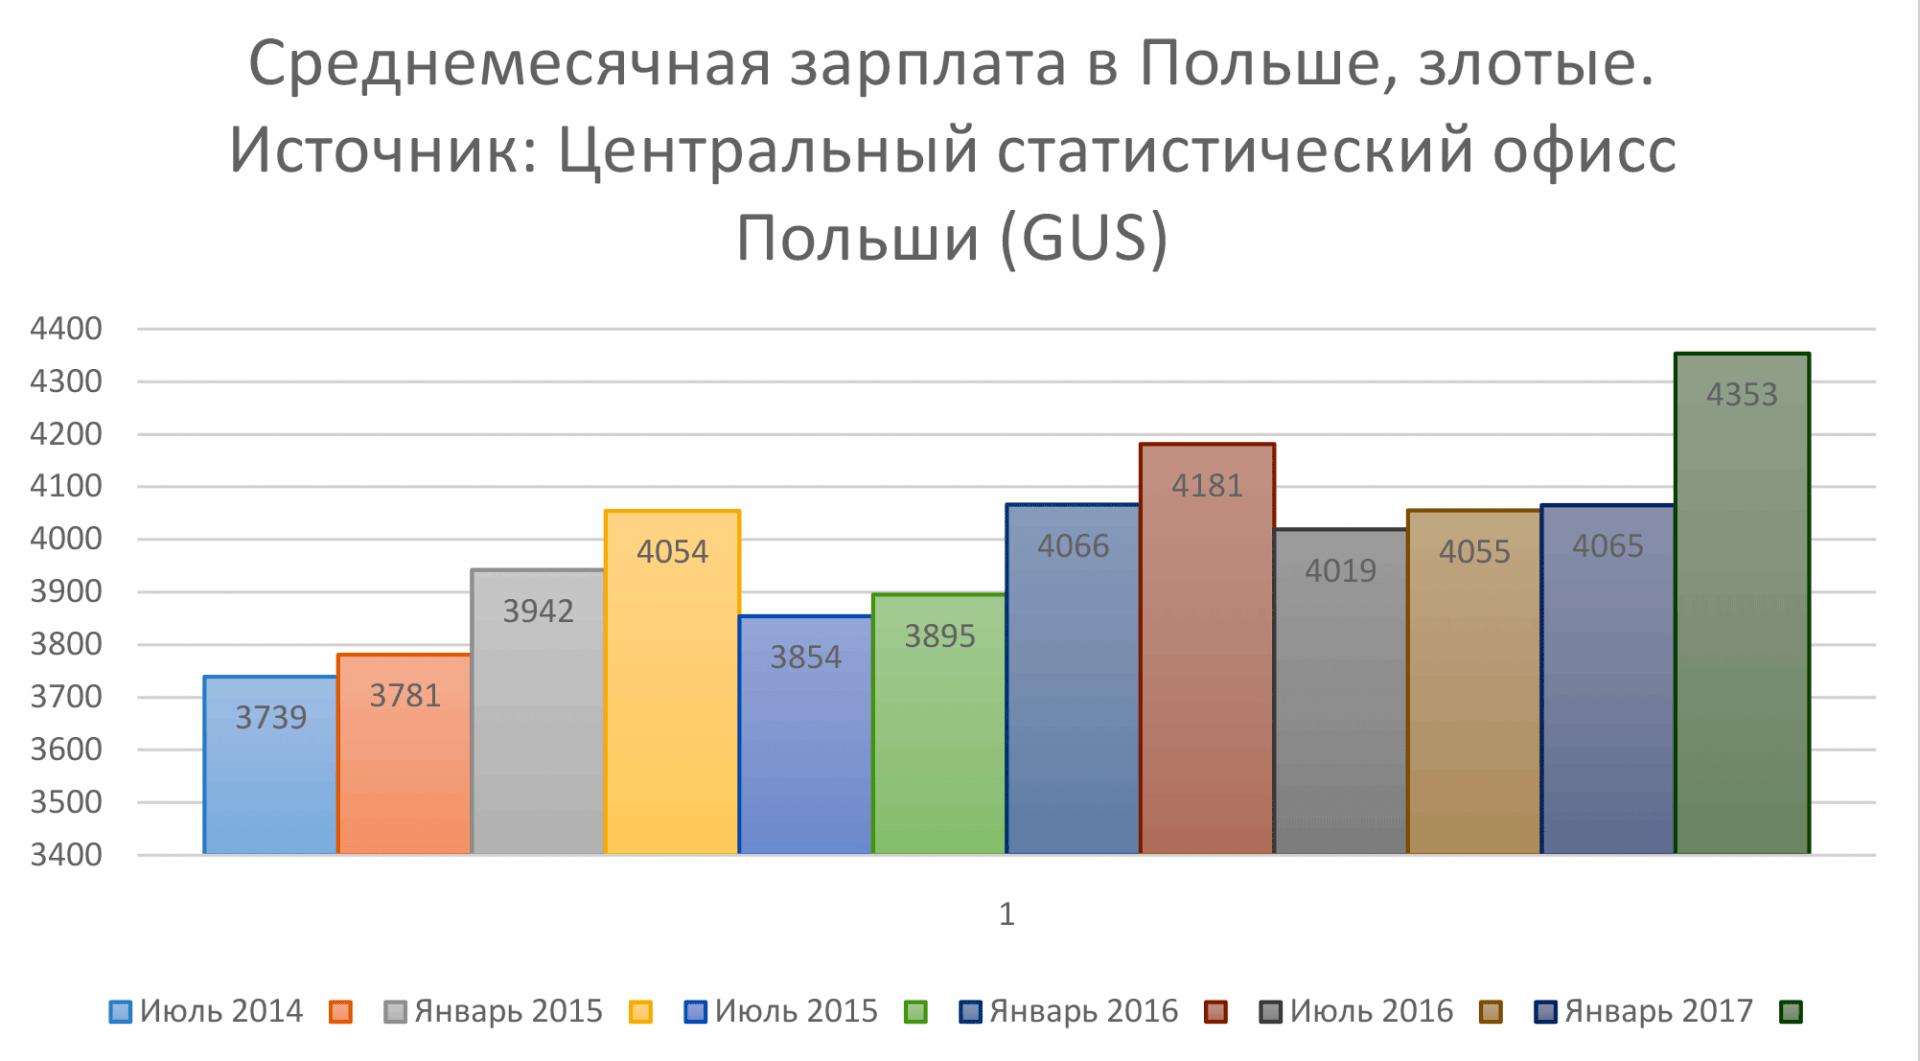 Среднемесячная зарплата в Польше в 2017 году